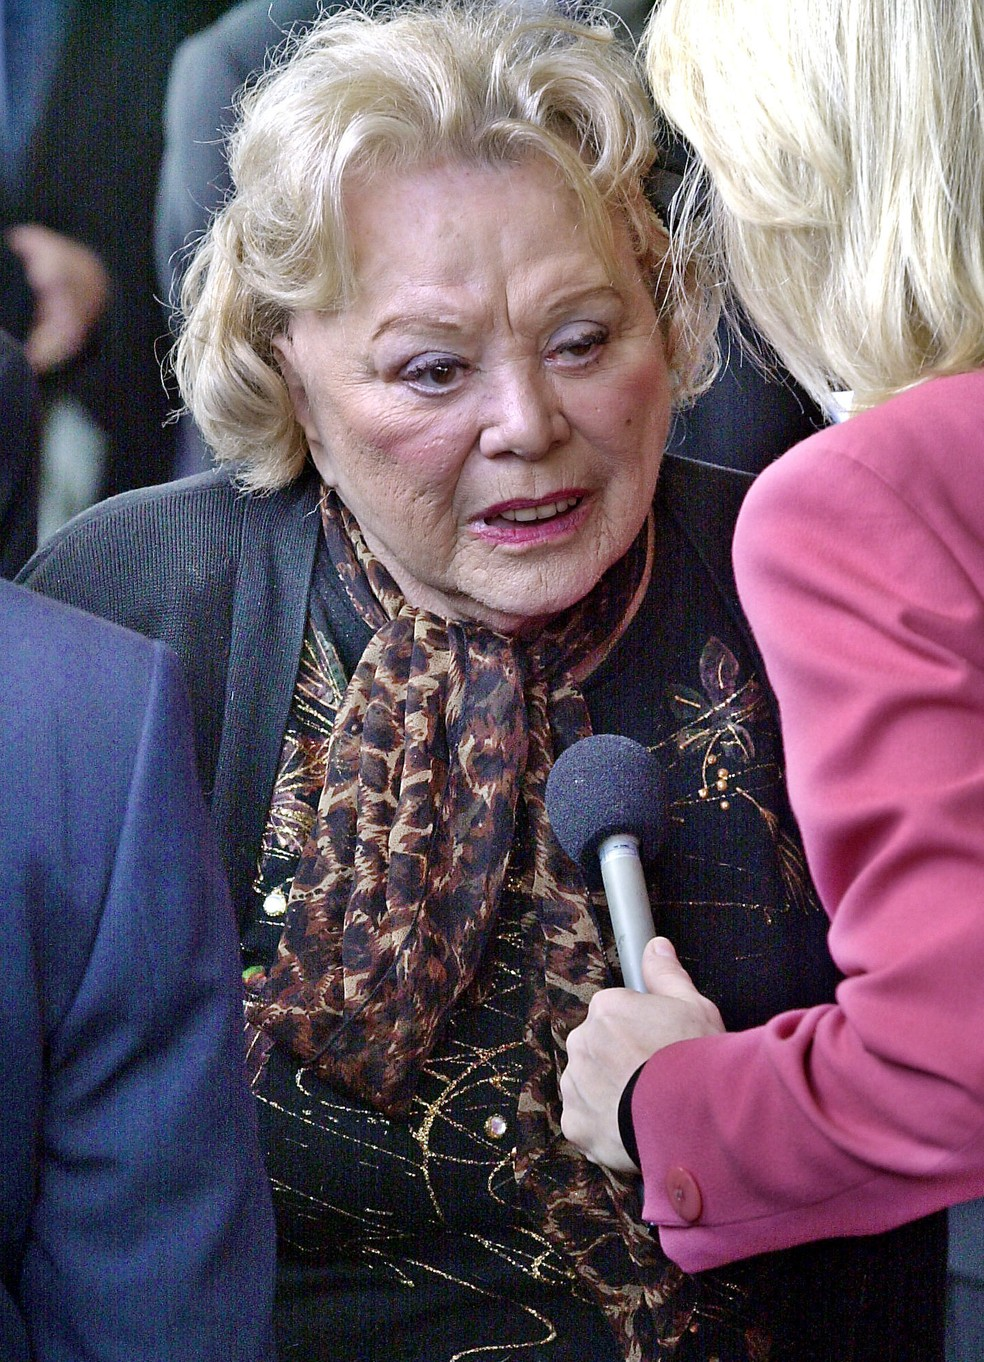 Rose Marie conversa com a imprensa durante evento em Los Angeles em 2002 (Foto: AP Photo/Nick Ut, File)